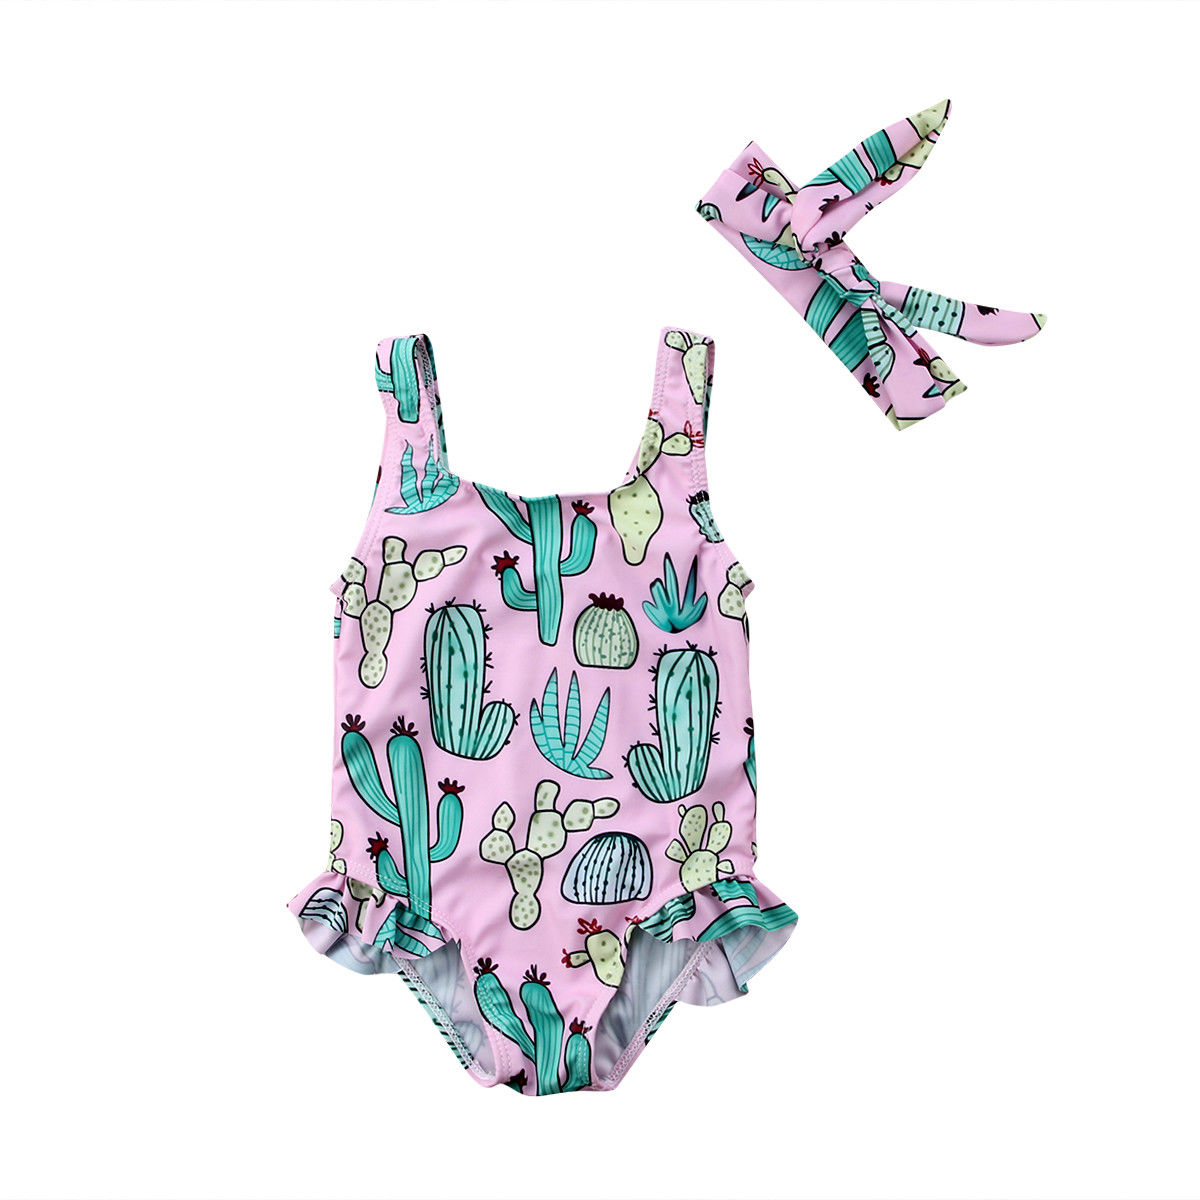 Traje de baño de verano para niño recién nacido de 0-3 años, traje de baño con dibujo con Cactus, ropa de playa, Pelele con diadema, 2 uds. De ropa Infantil para niñas